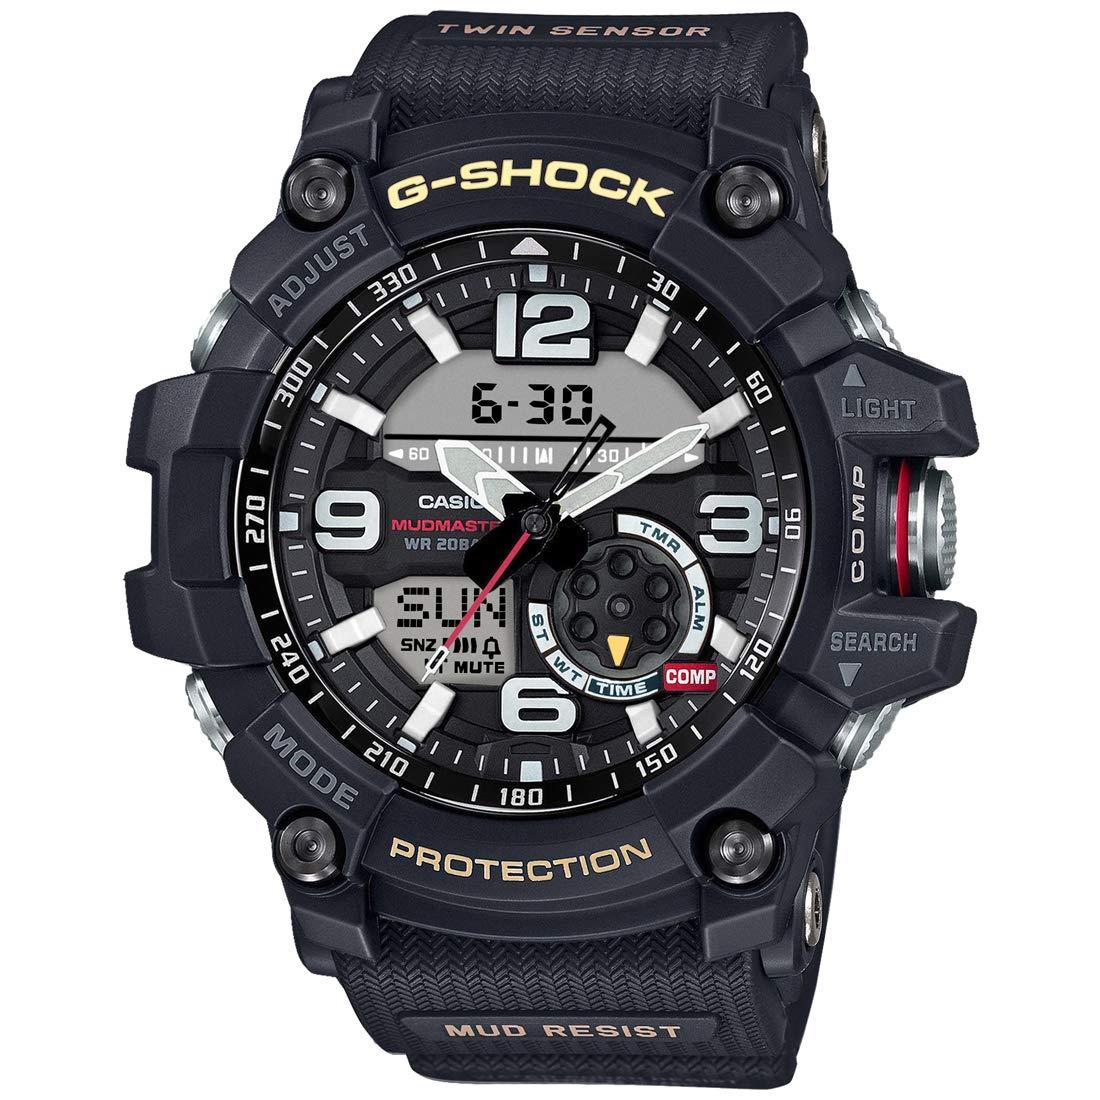 Casio De los hombres Watch G-SHOCK MUDMASTER Reloj GG-1000-1A